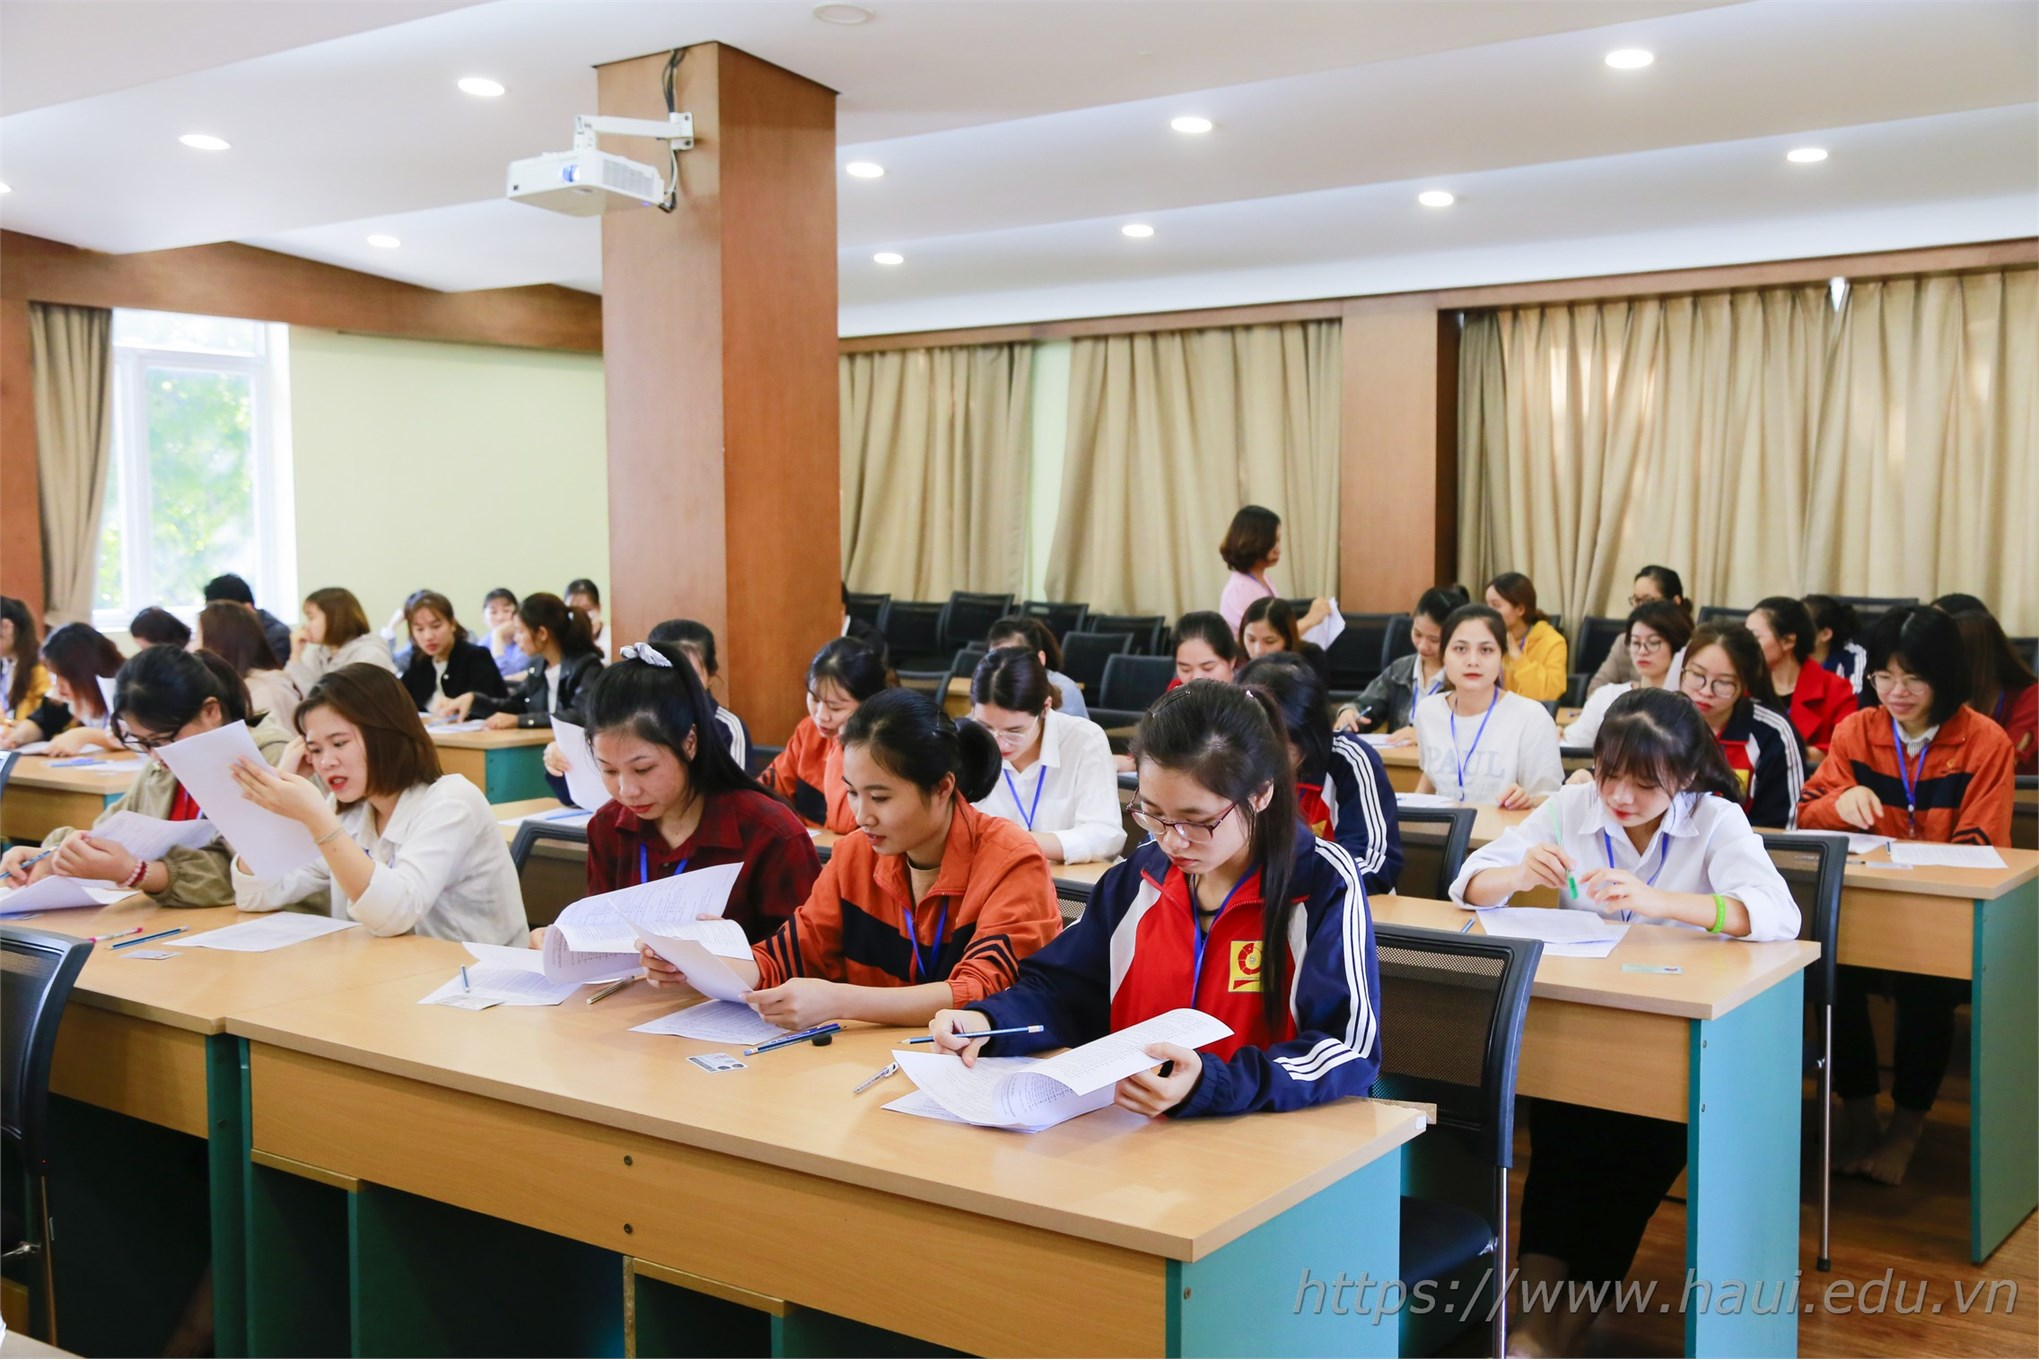 50 thí sinh tham gia Kỳ đánh giá Kỹ năng nghề Quốc gia năm 2020